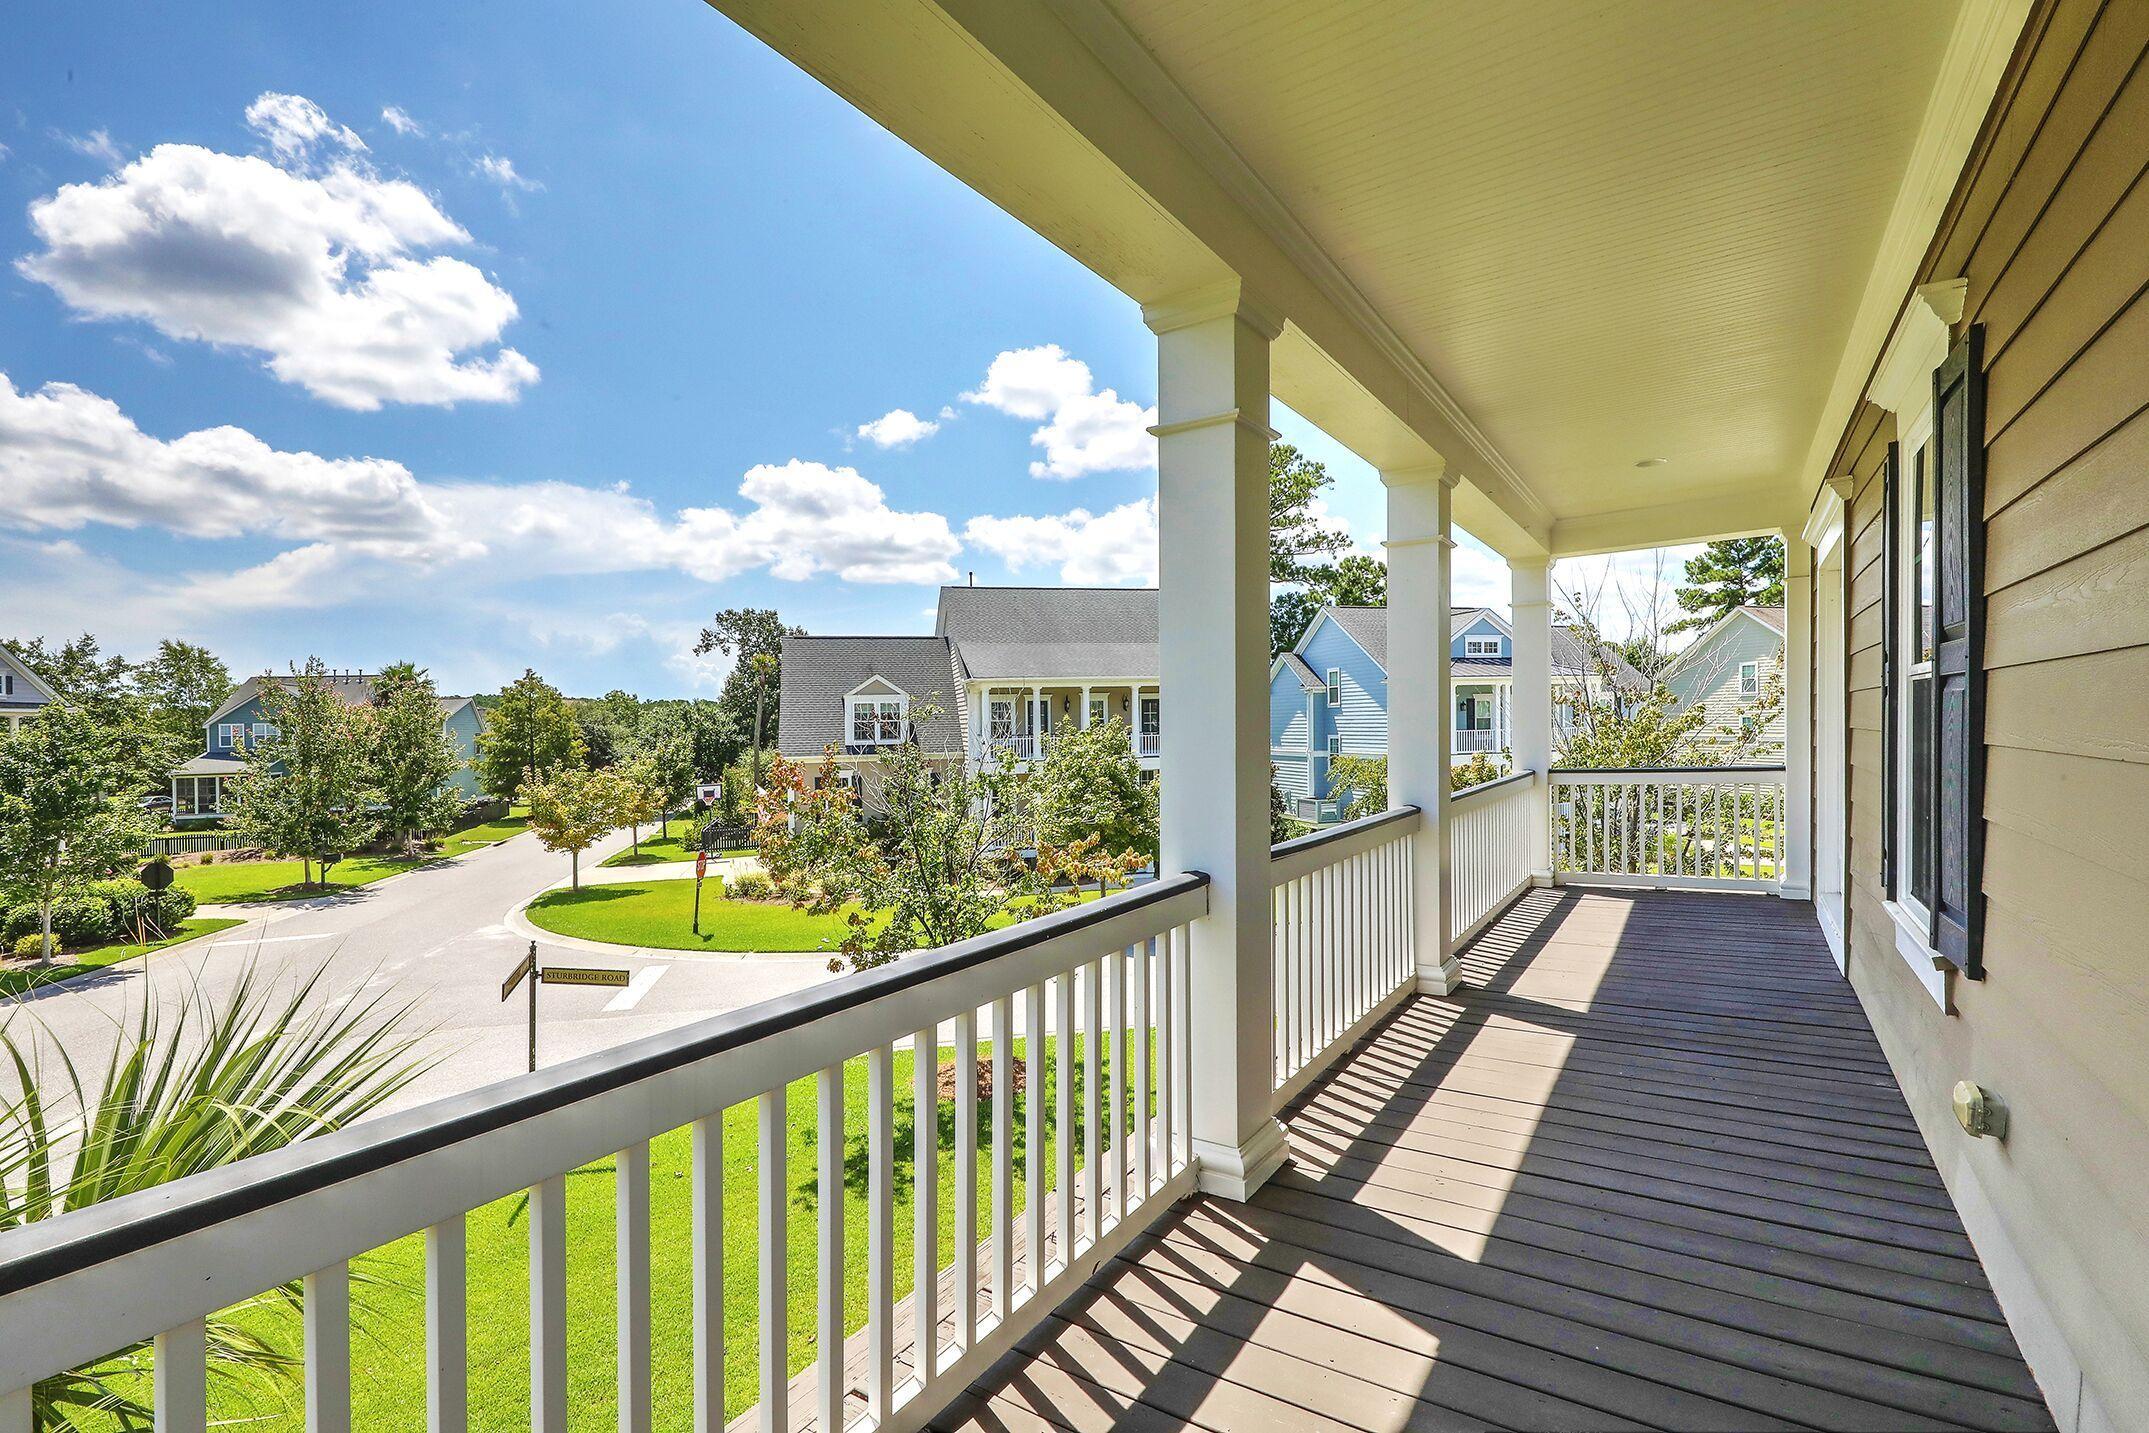 Dunes West Homes For Sale - 2970 Sturbridge, Mount Pleasant, SC - 5